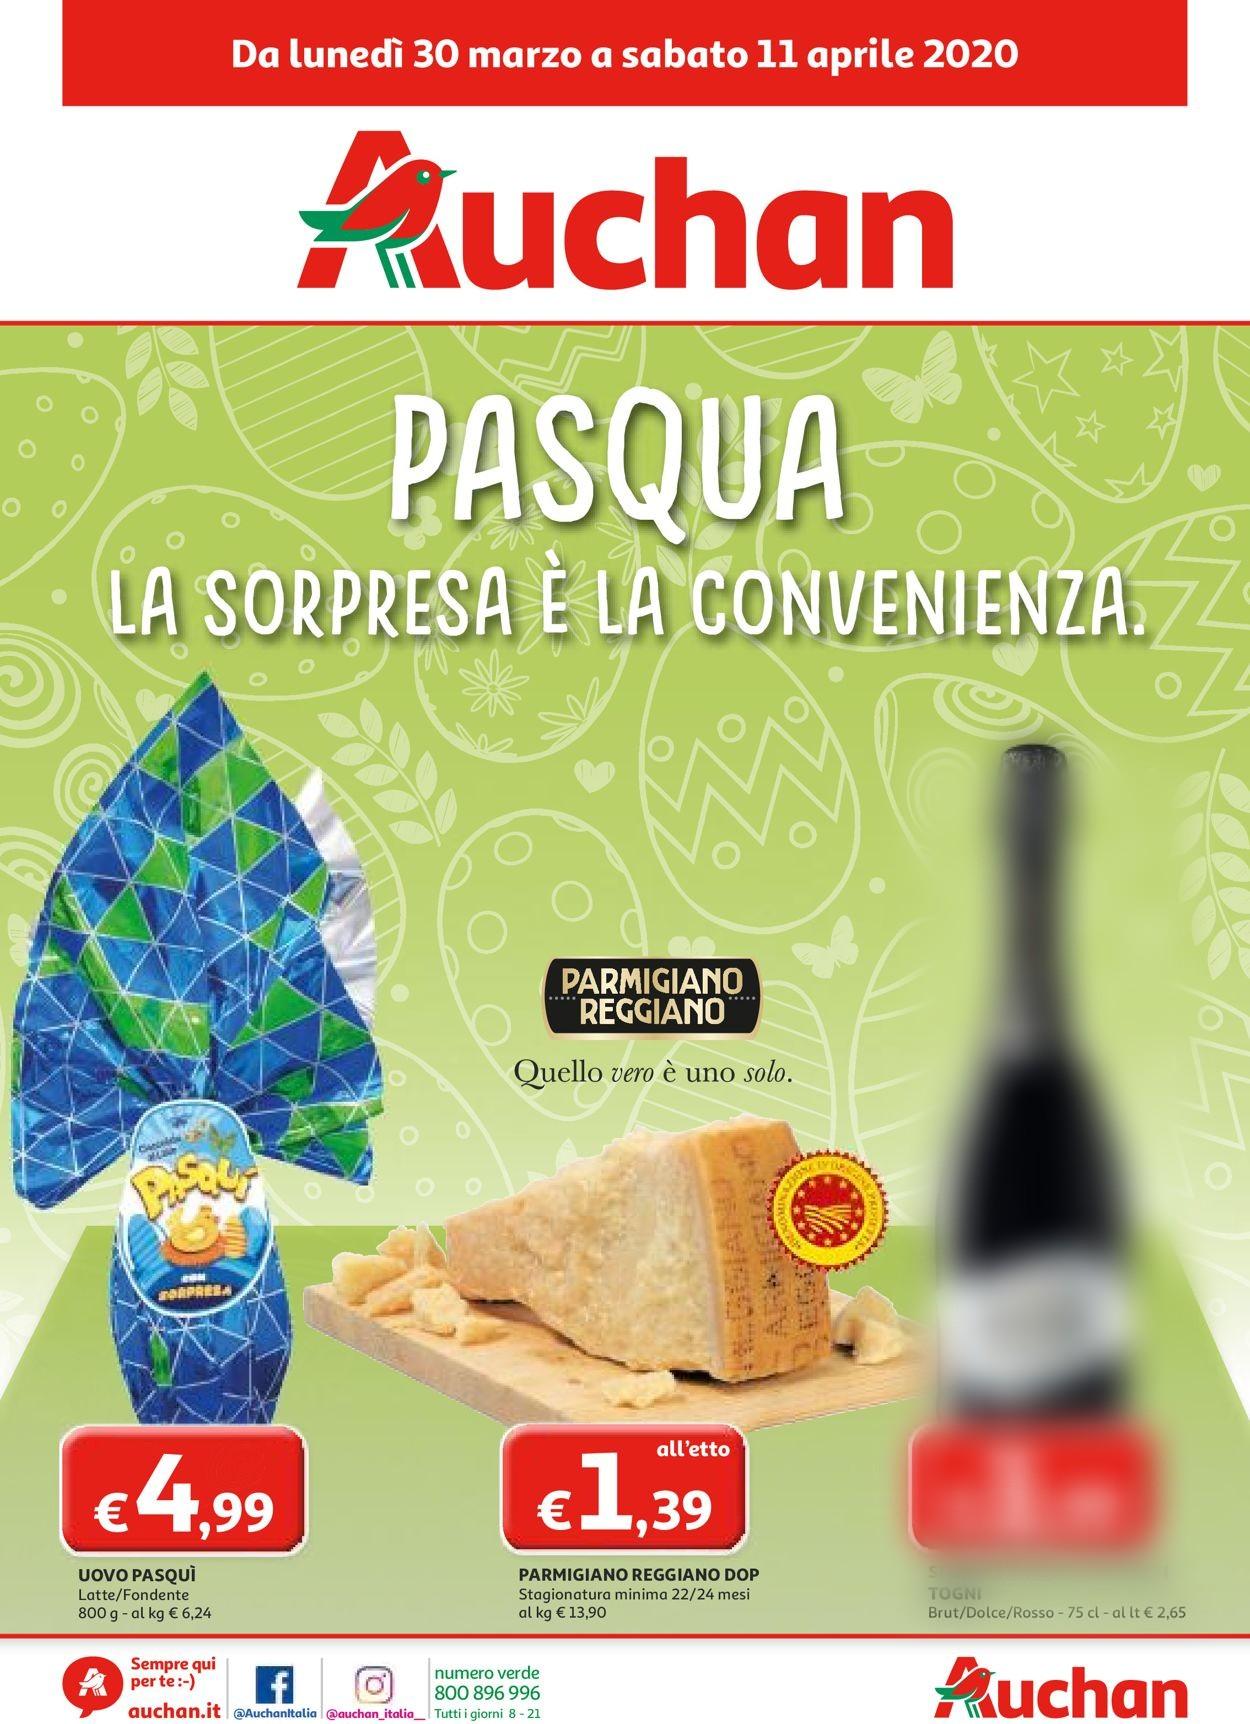 Volantino Auchan - Offerte 30/03-11/04/2020